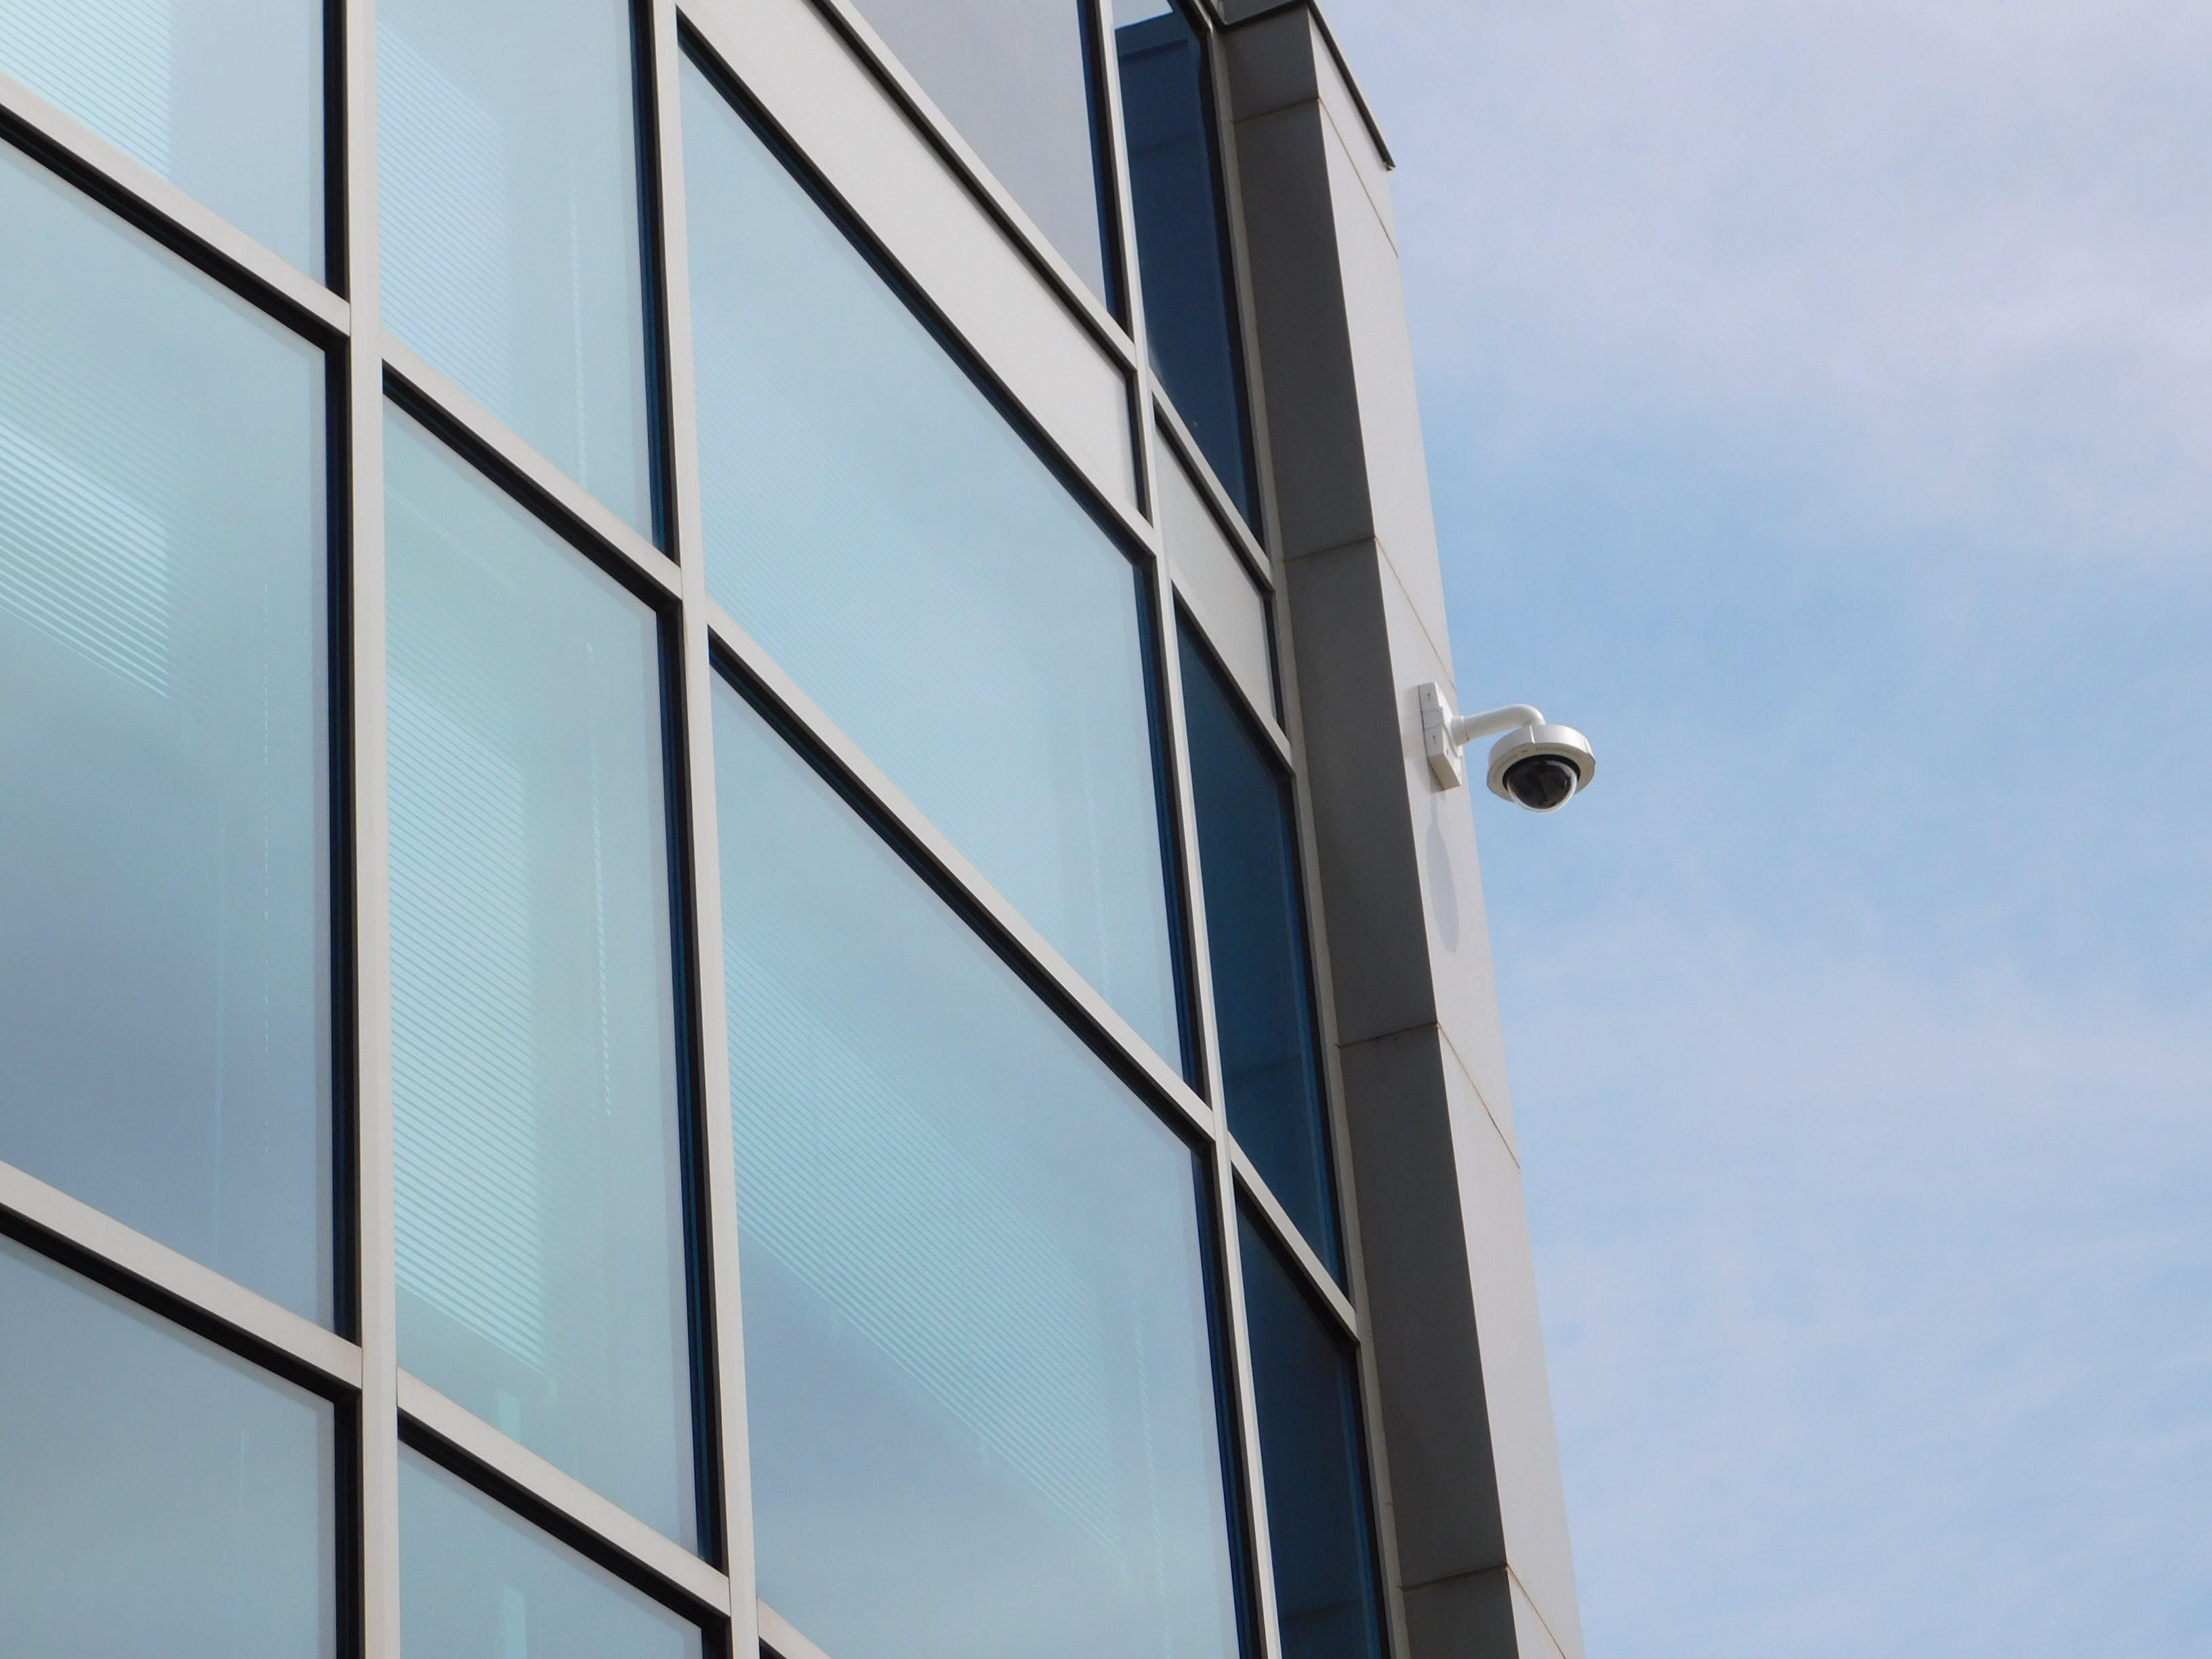 architecture, camera, glass windows